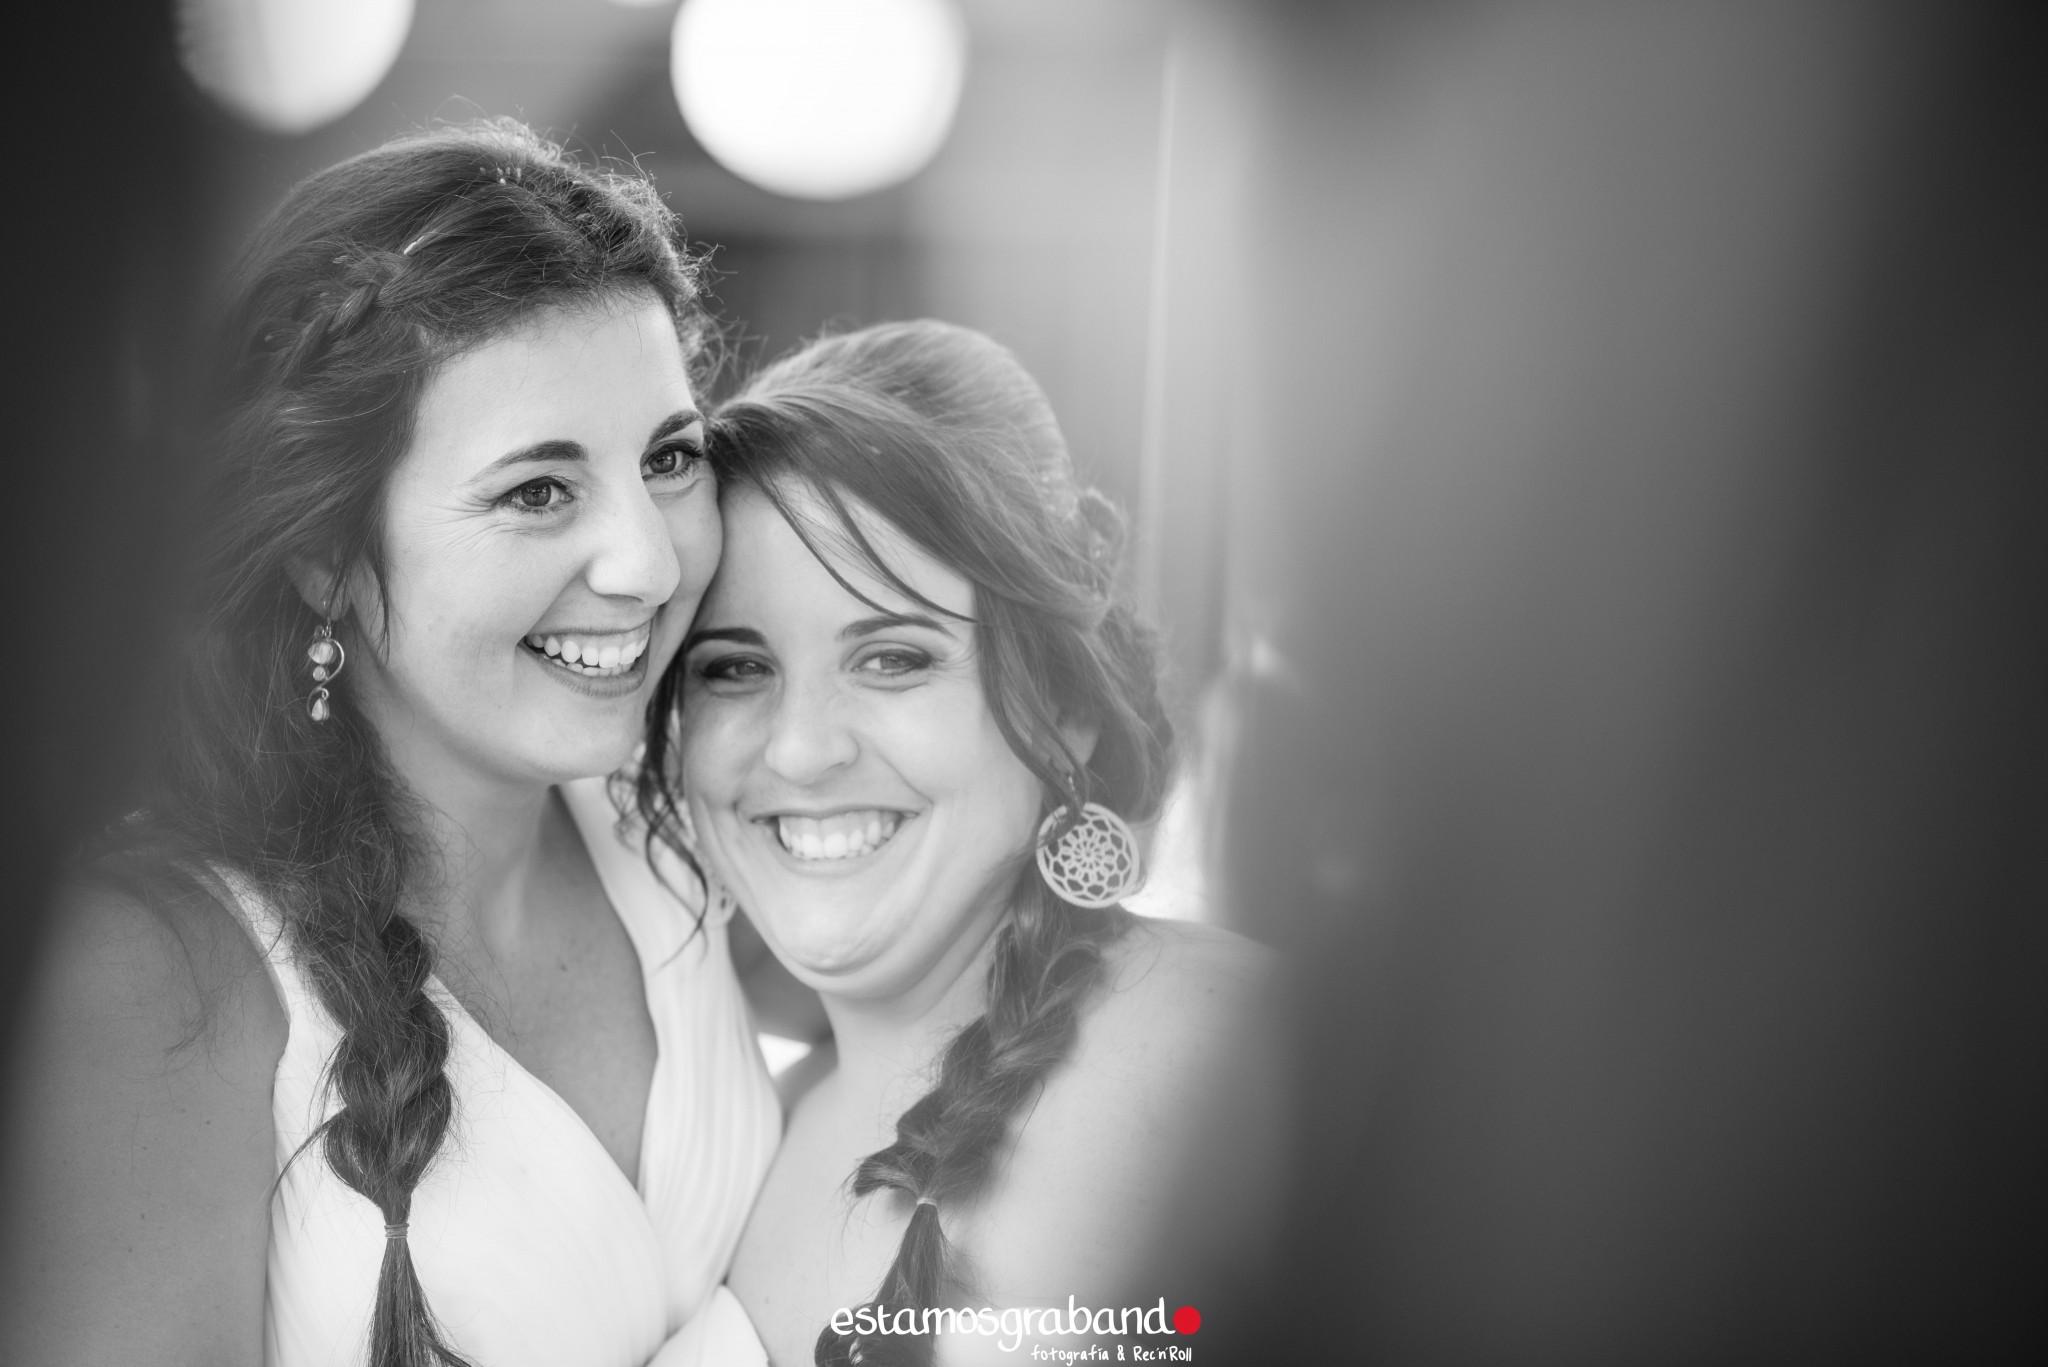 Cris-Rebeca-40 Fotografía de Boda, Rebeca & Cristina - video boda cadiz